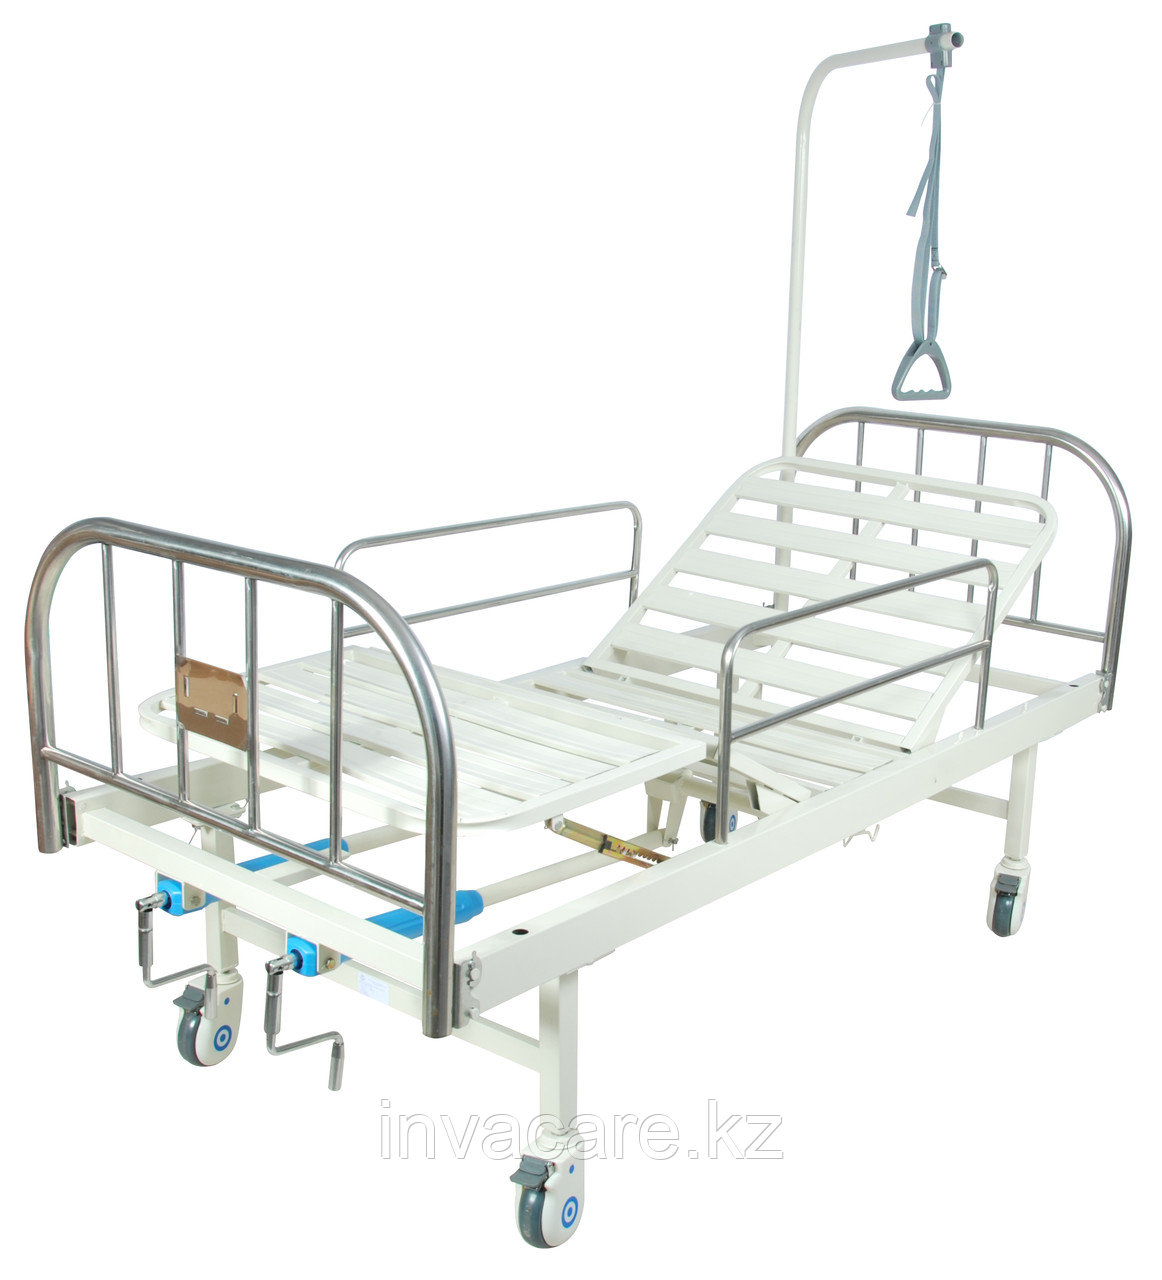 Кровать механическая F-8 (ММ-2004Н-02) (2 функции)